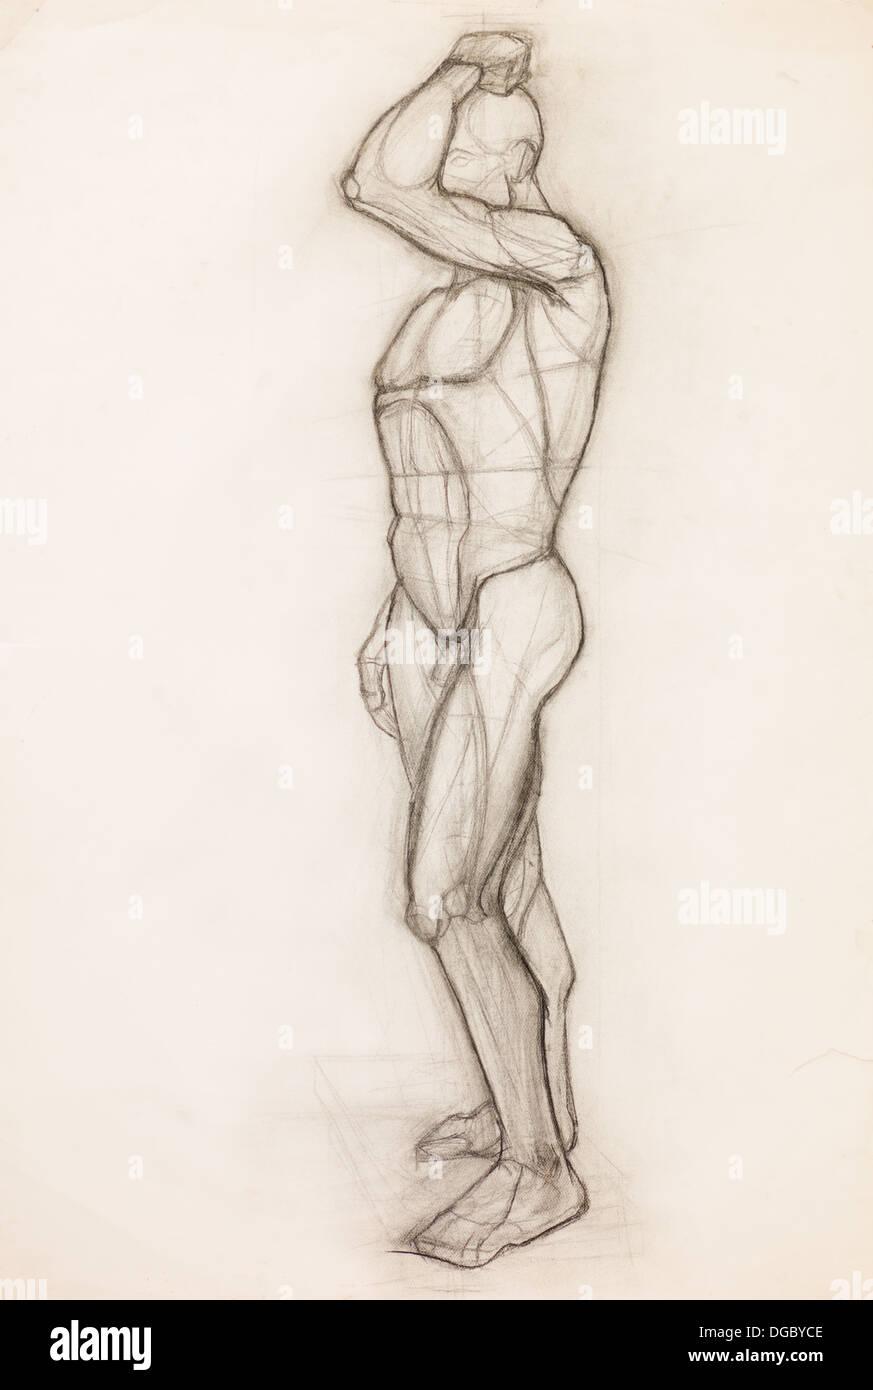 Hand gezeichnet Bleistift-Skizze zur Veranschaulichung menschlichen ...